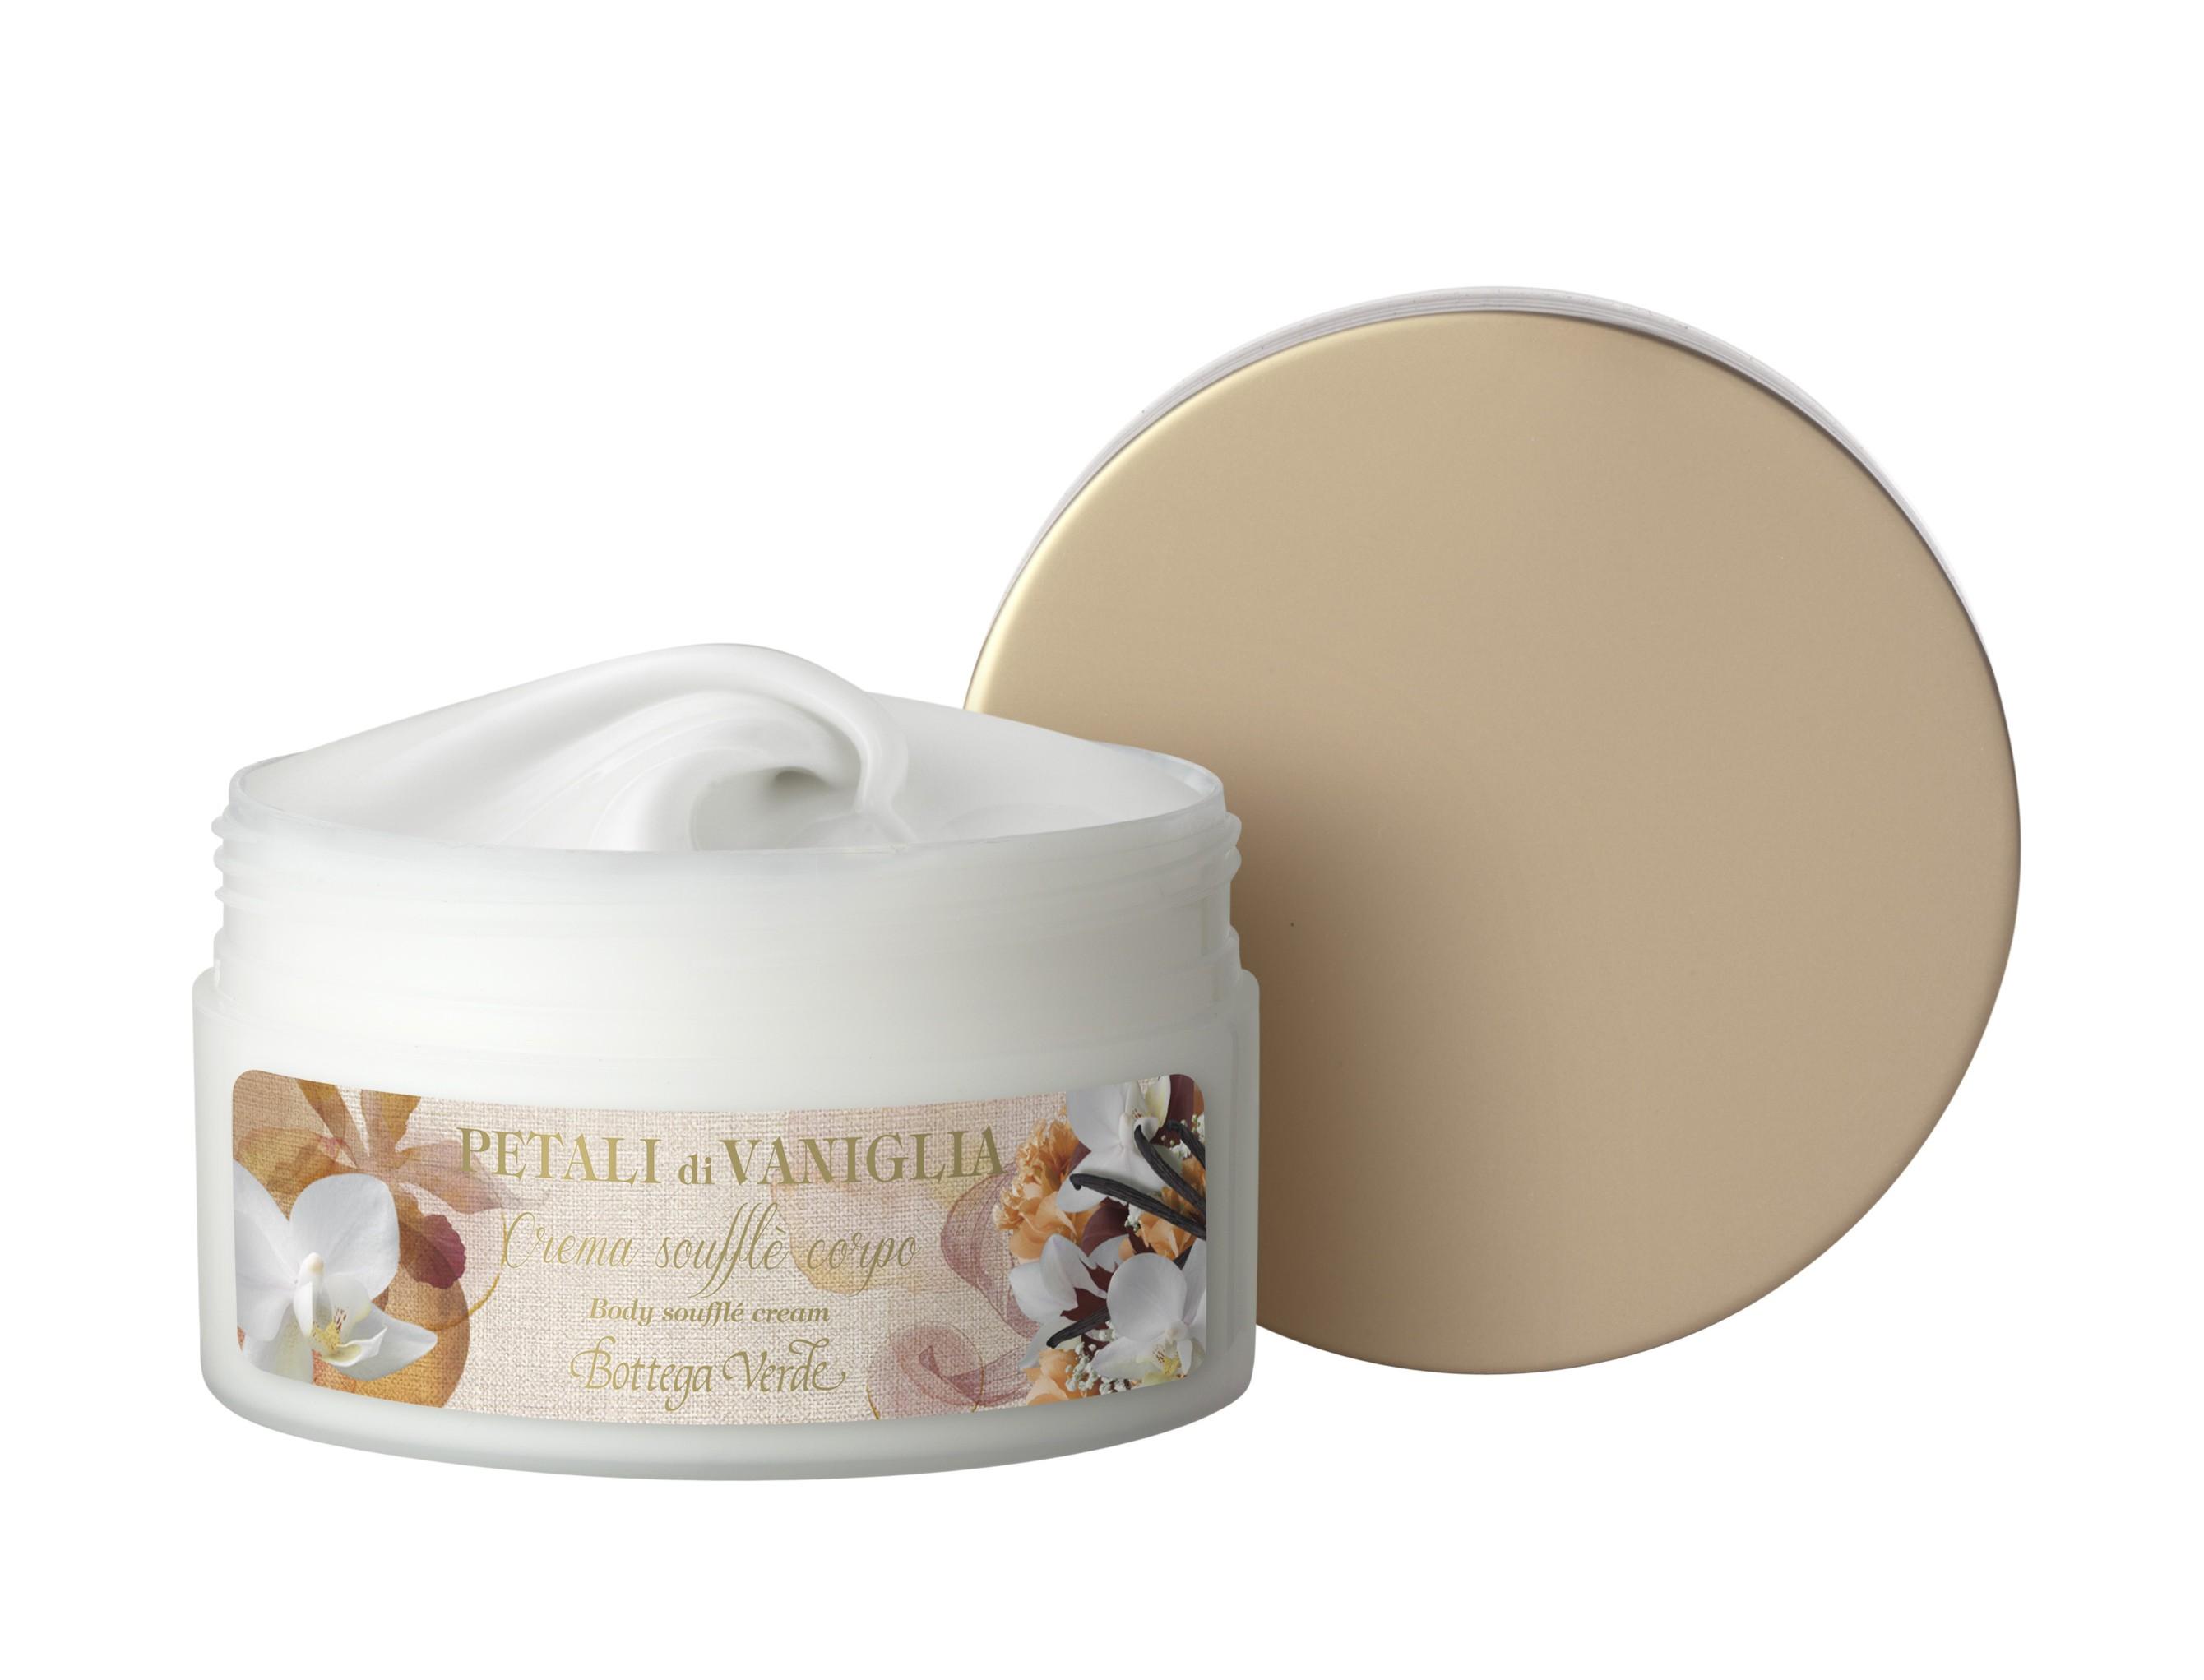 Bottega Verde Crema Soufflè Corpo con estratto di Vaniglia